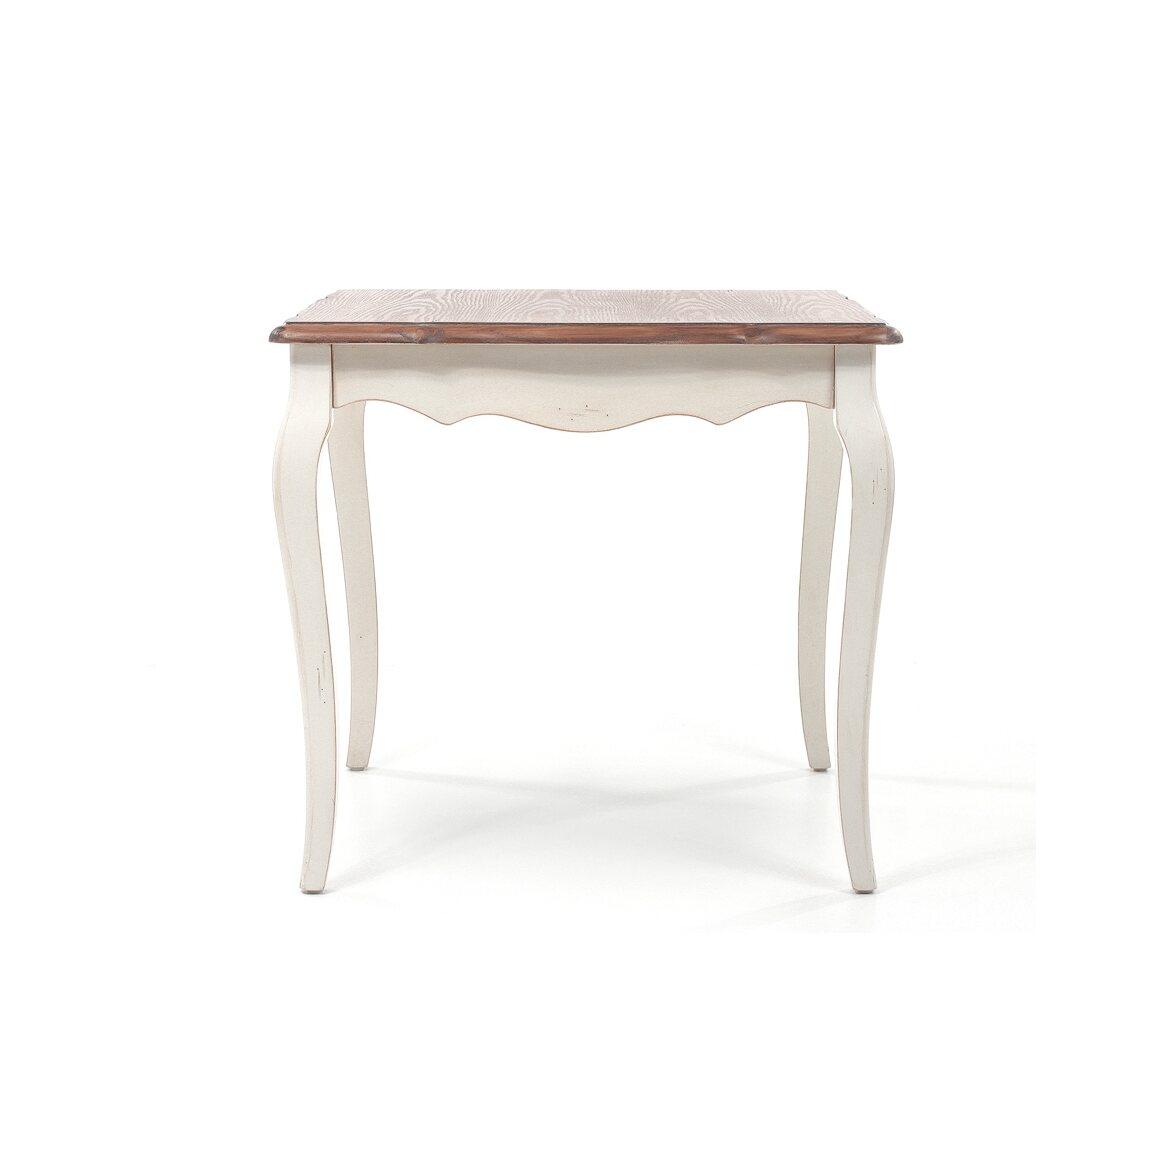 Чайный столик (квадратный) Leontina, бежевого цвета | Журнальные столики Kingsby